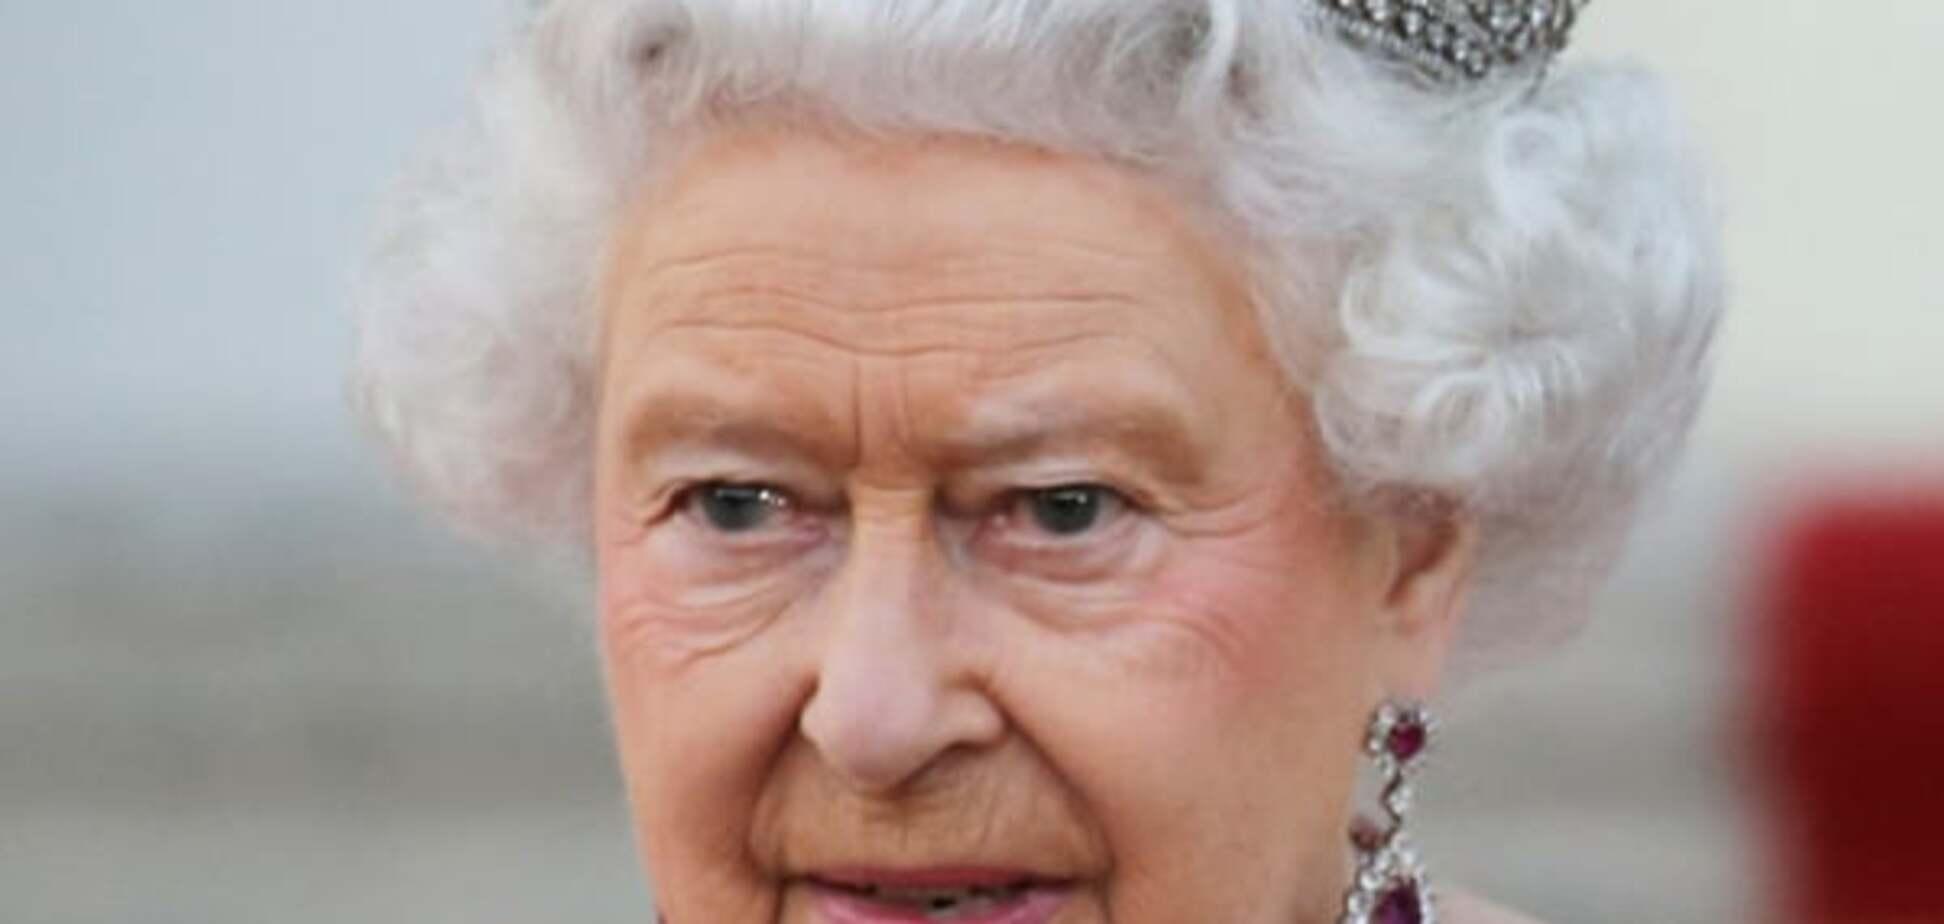 God save the Queen: Елизавета II стала самым долгоправящим монархом. Лучшие фото